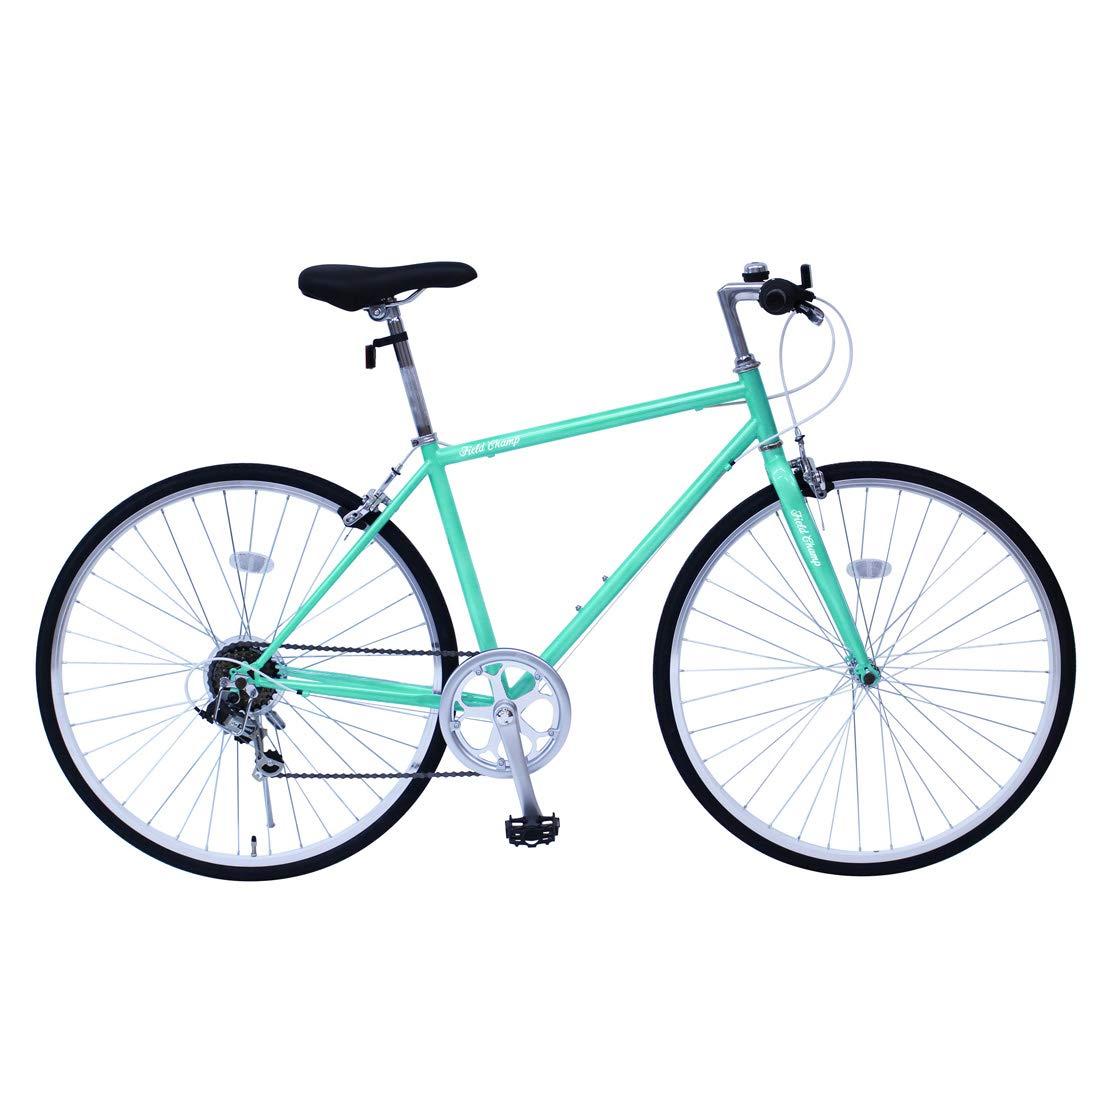 激安正規品 FIELD CHAMP CHAMP MG-FCP700CF-GR グリーン [クロスバイク自転車] FIELD グリーン B0792NXWTK, 工具の三河屋:0a3a31d0 --- greaterbayx.co